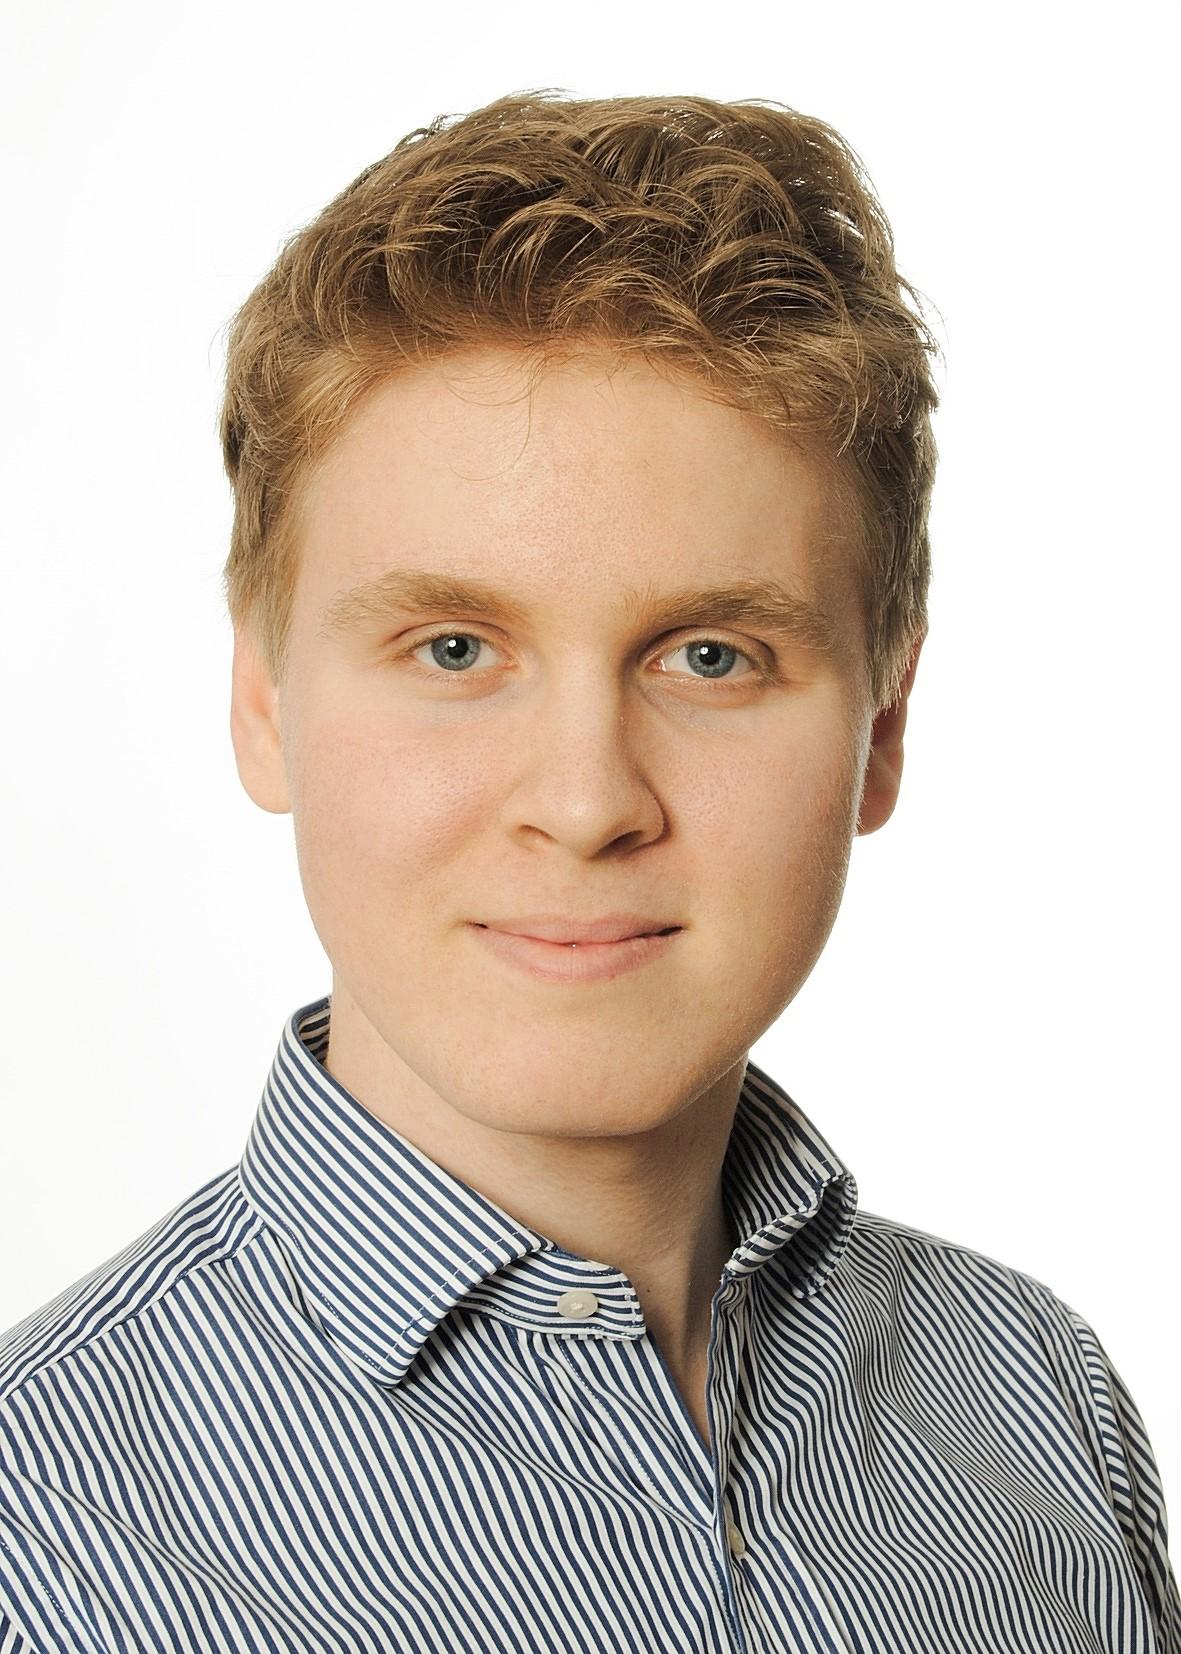 David Weinstock Vom Schlechten Schüler Zum Abitur Mit 10